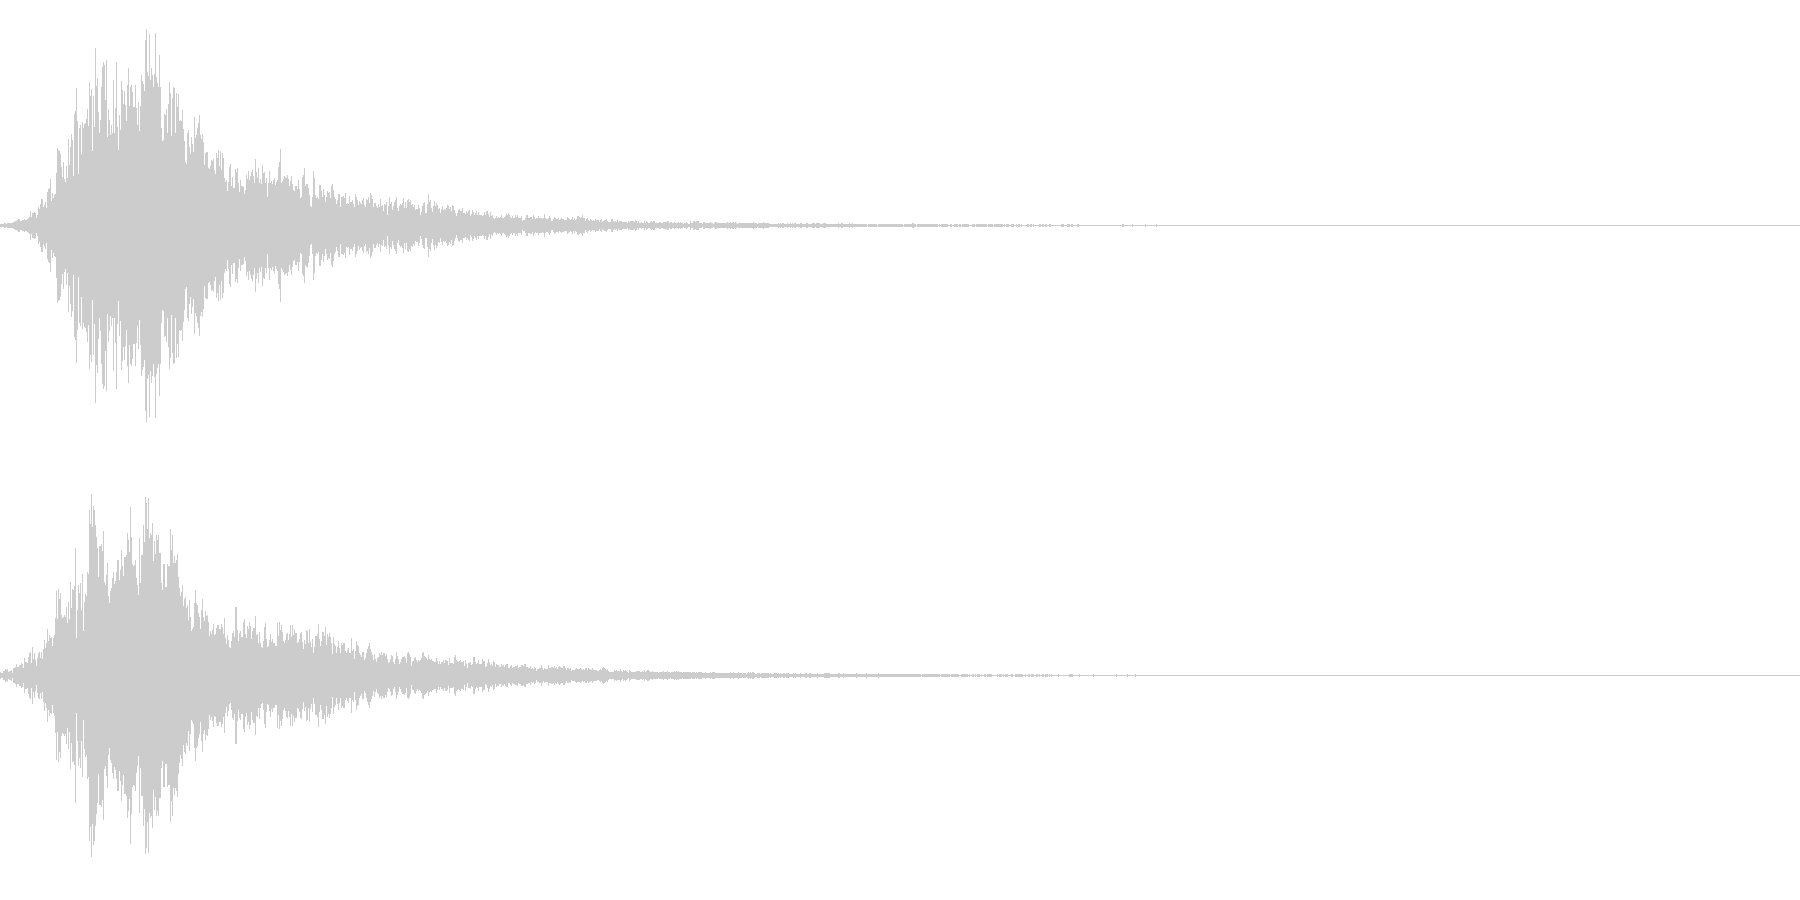 シャキーン!強烈なインパクトに最適!2bの未再生の波形